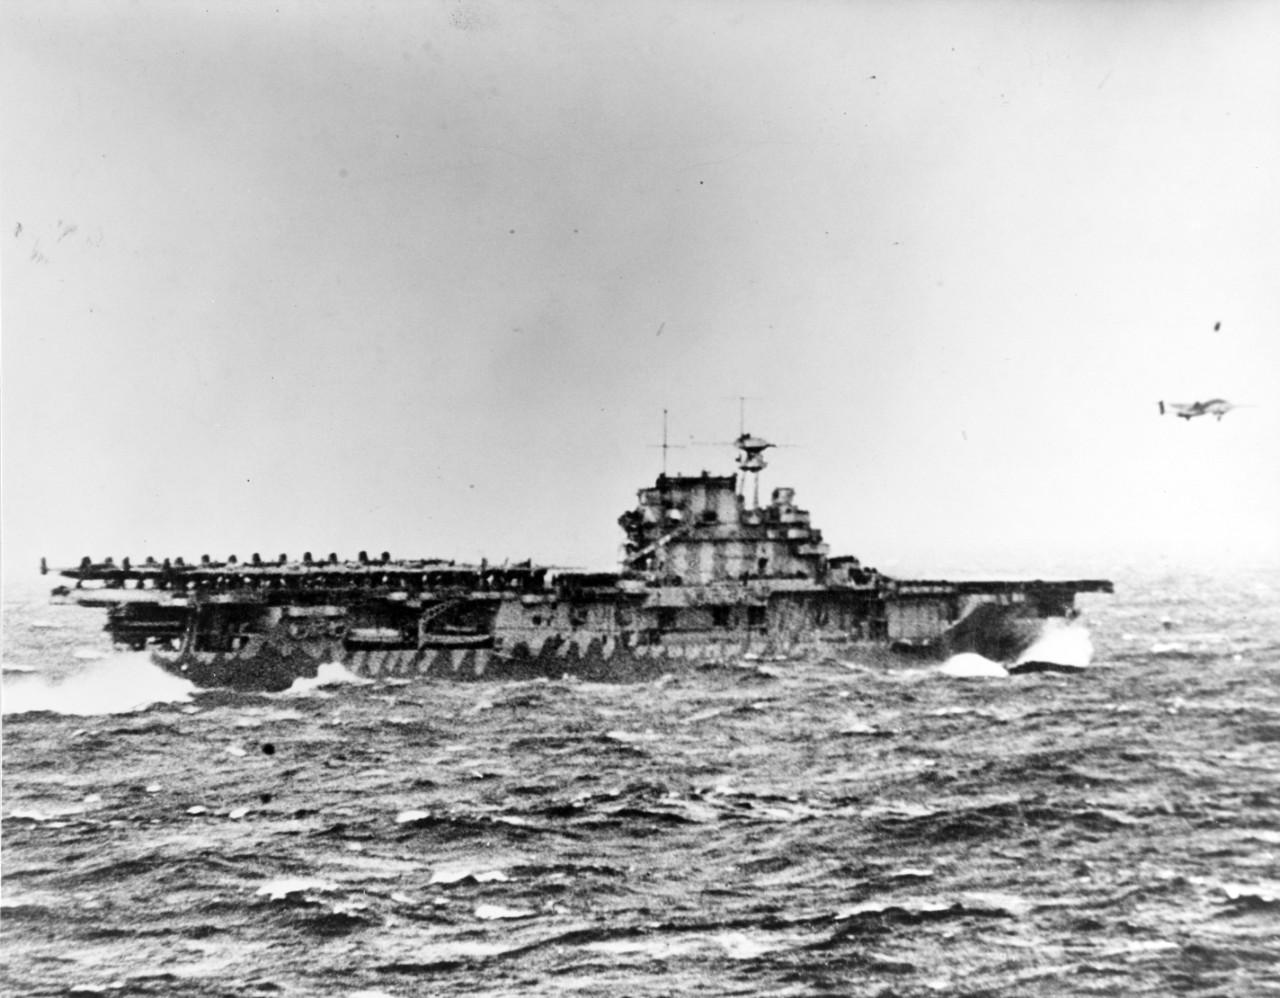 Doolittle Raid on Japan, April 1942